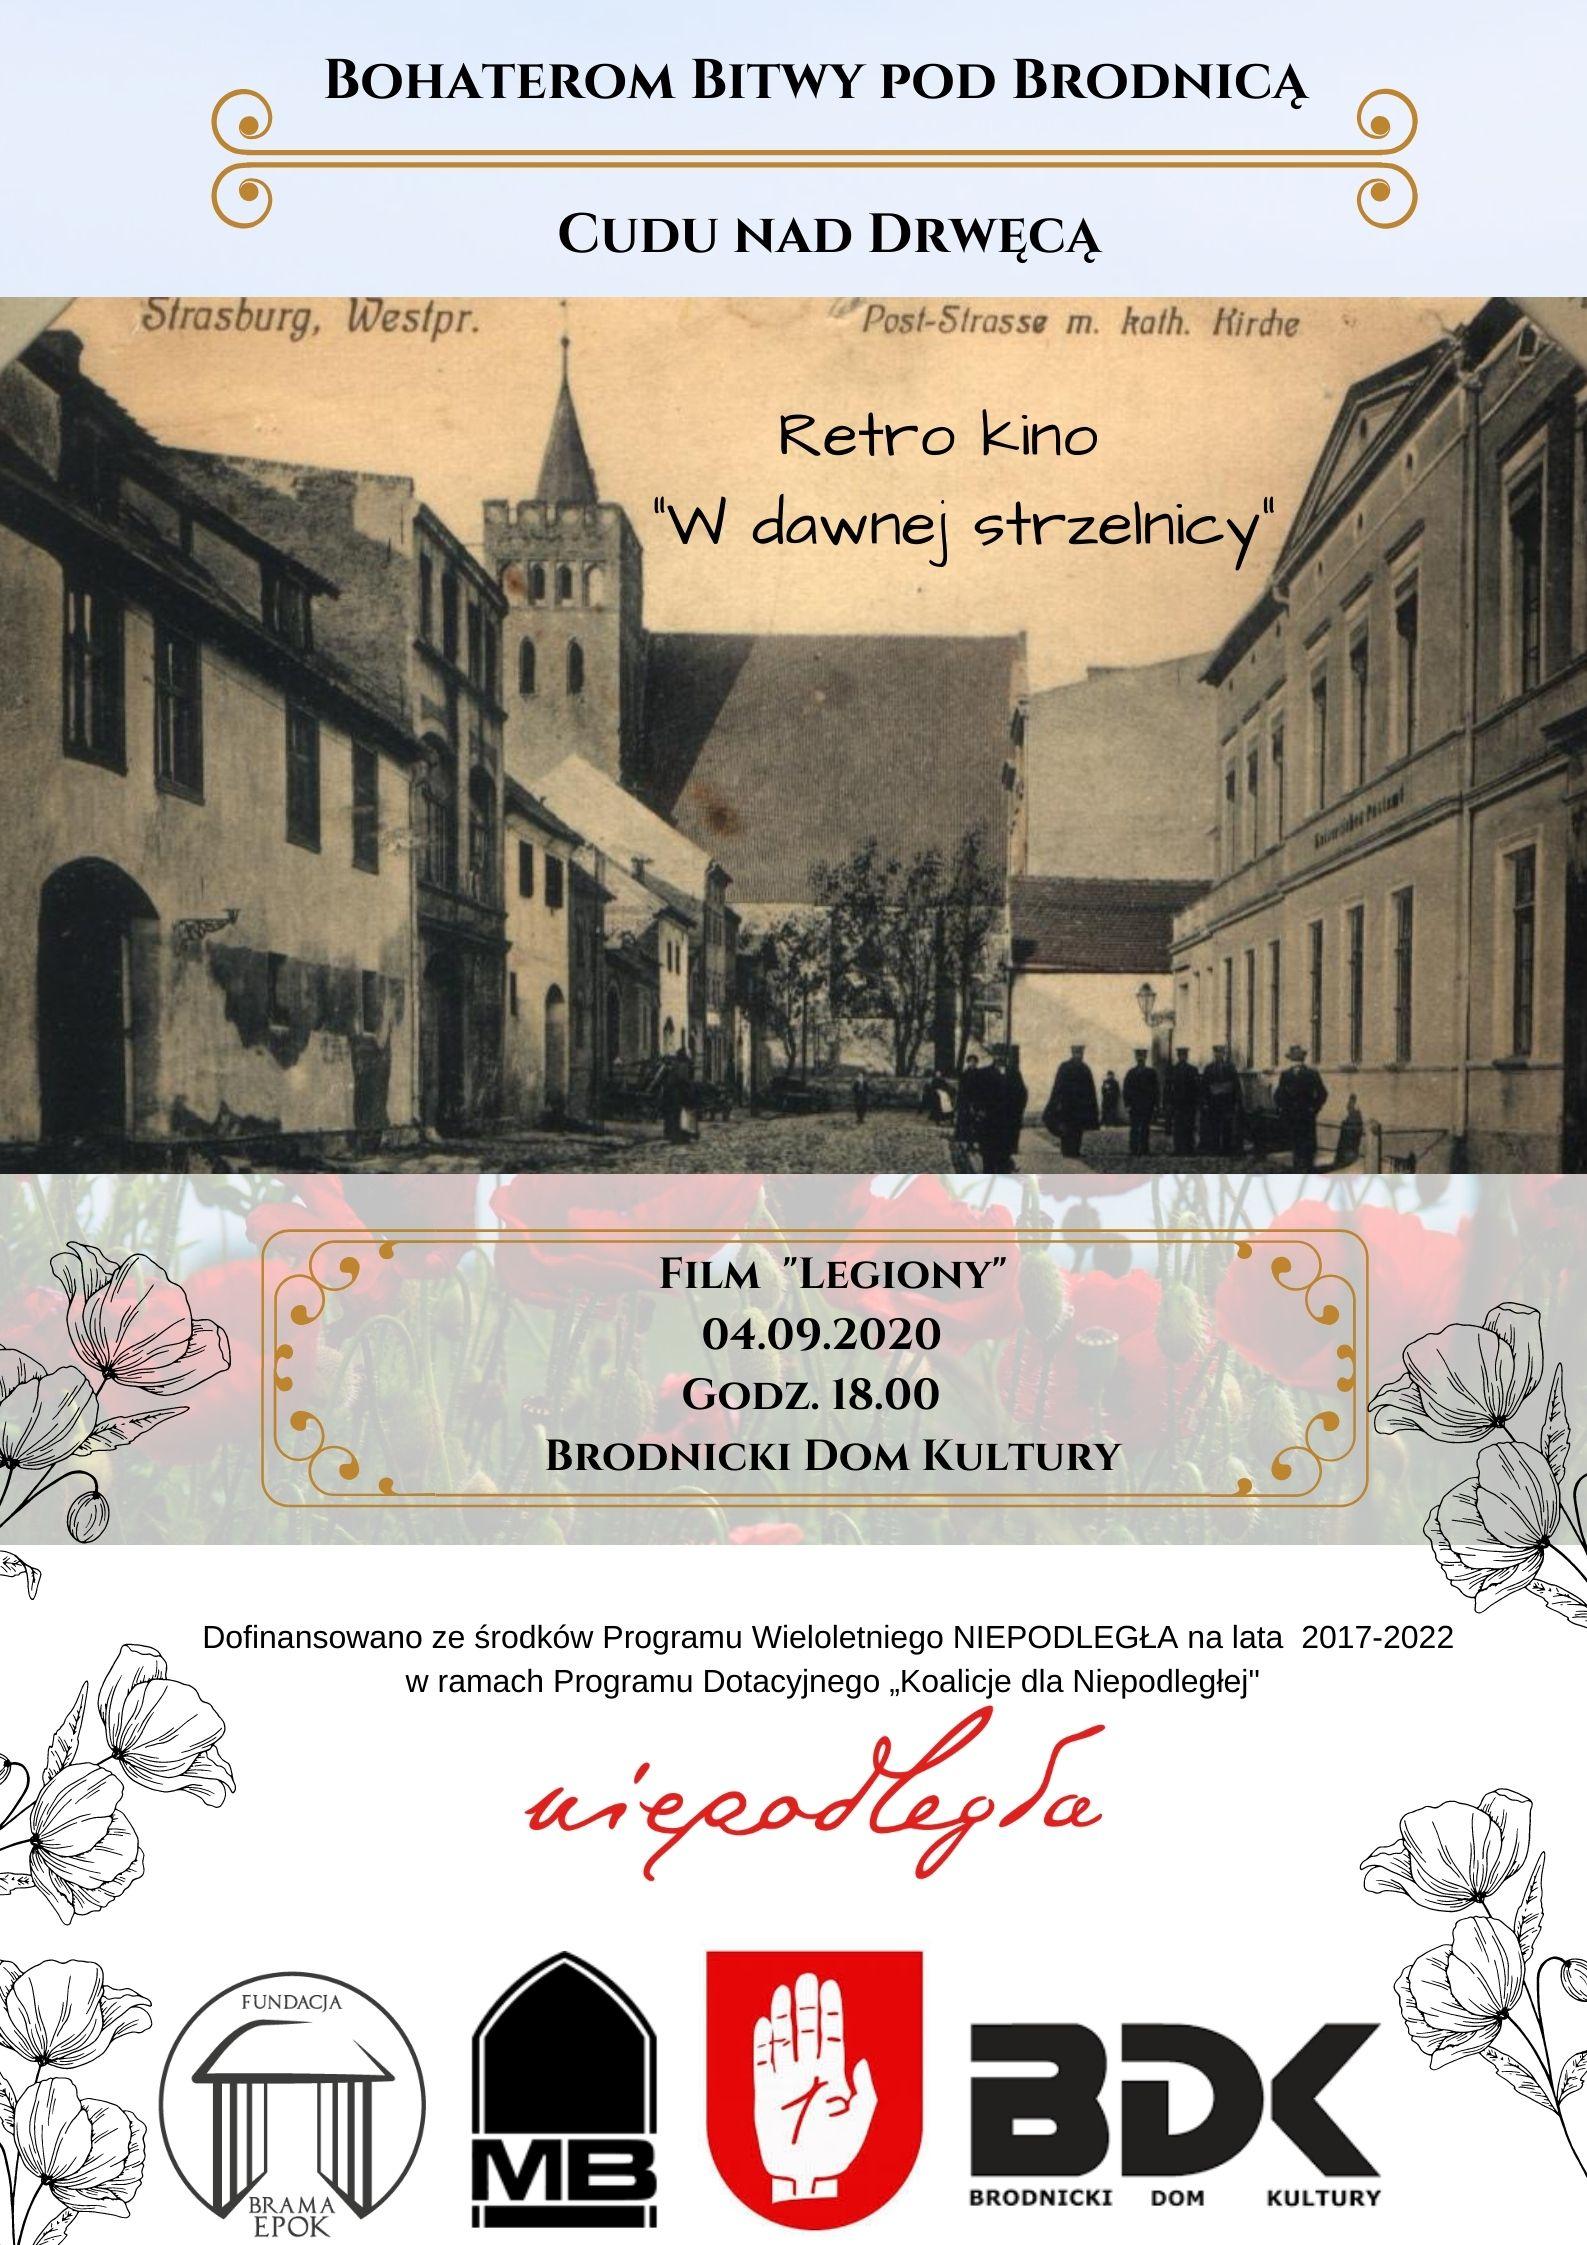 Plakat obrazujący wydarzenie: Bohaterom Bitwy pod Brodnicą - Retro kino w dawnej strzelnicy